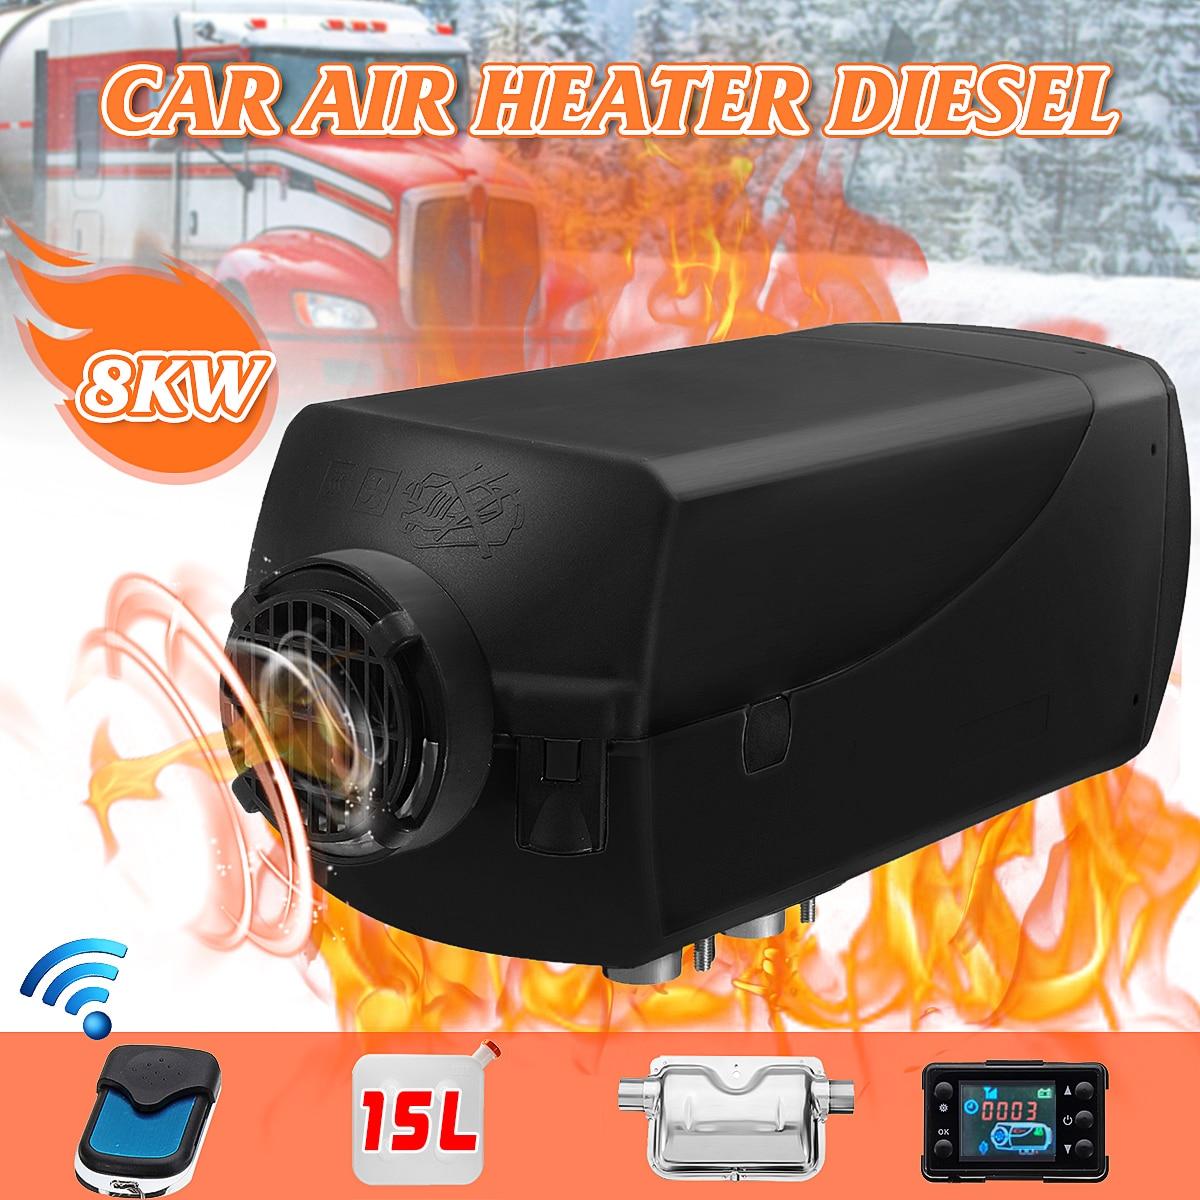 Voiture Réchauffeur D'air 12 v 8KW LCD D diesel Silencieux 15L Réservoir Planaire Camions Bateau Camping-Car Parking Avec Télécommande moniteur LCD pour RV